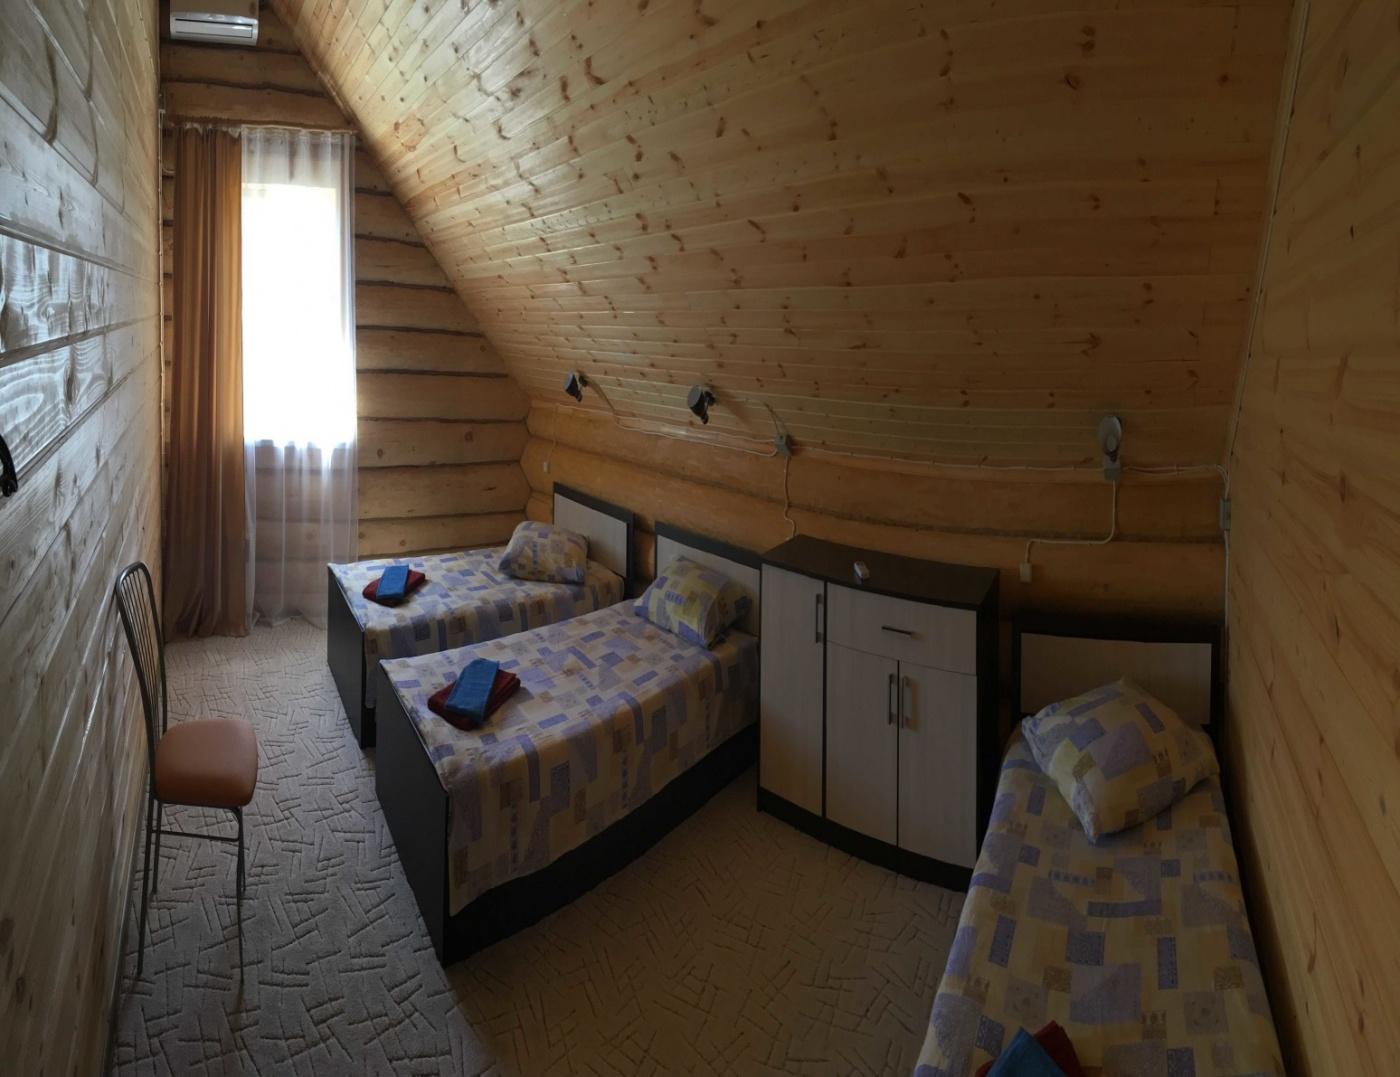 База отдыха «Лебедь» Астраханская область 8-местный коттедж «Люкс», фото 2